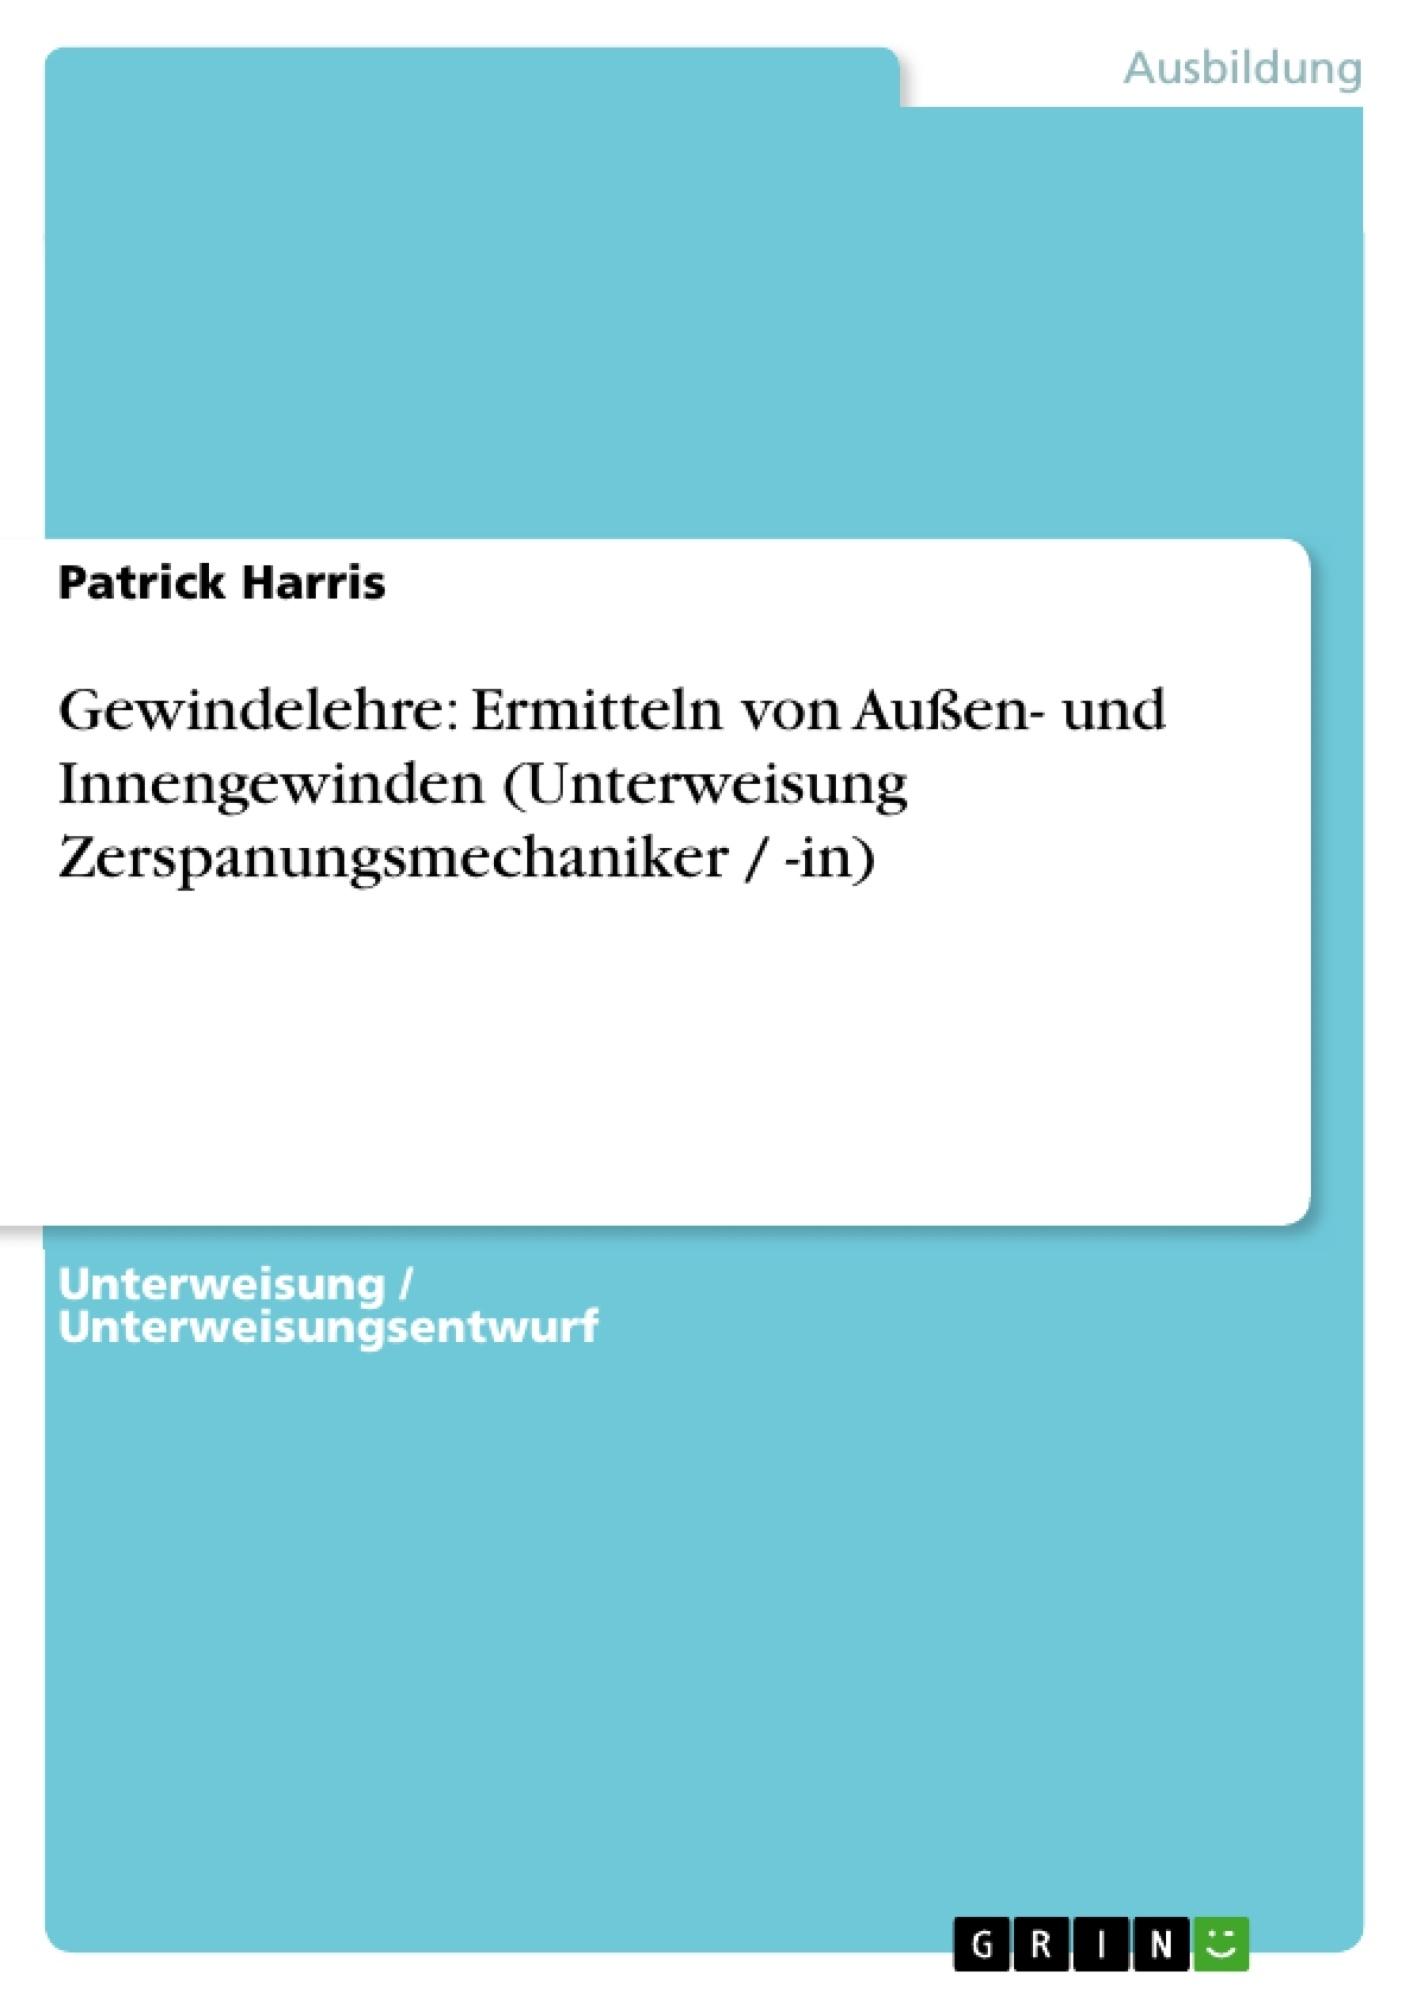 Titel: Gewindelehre: Ermitteln von Außen- und Innengewinden (Unterweisung Zerspanungsmechaniker / -in)